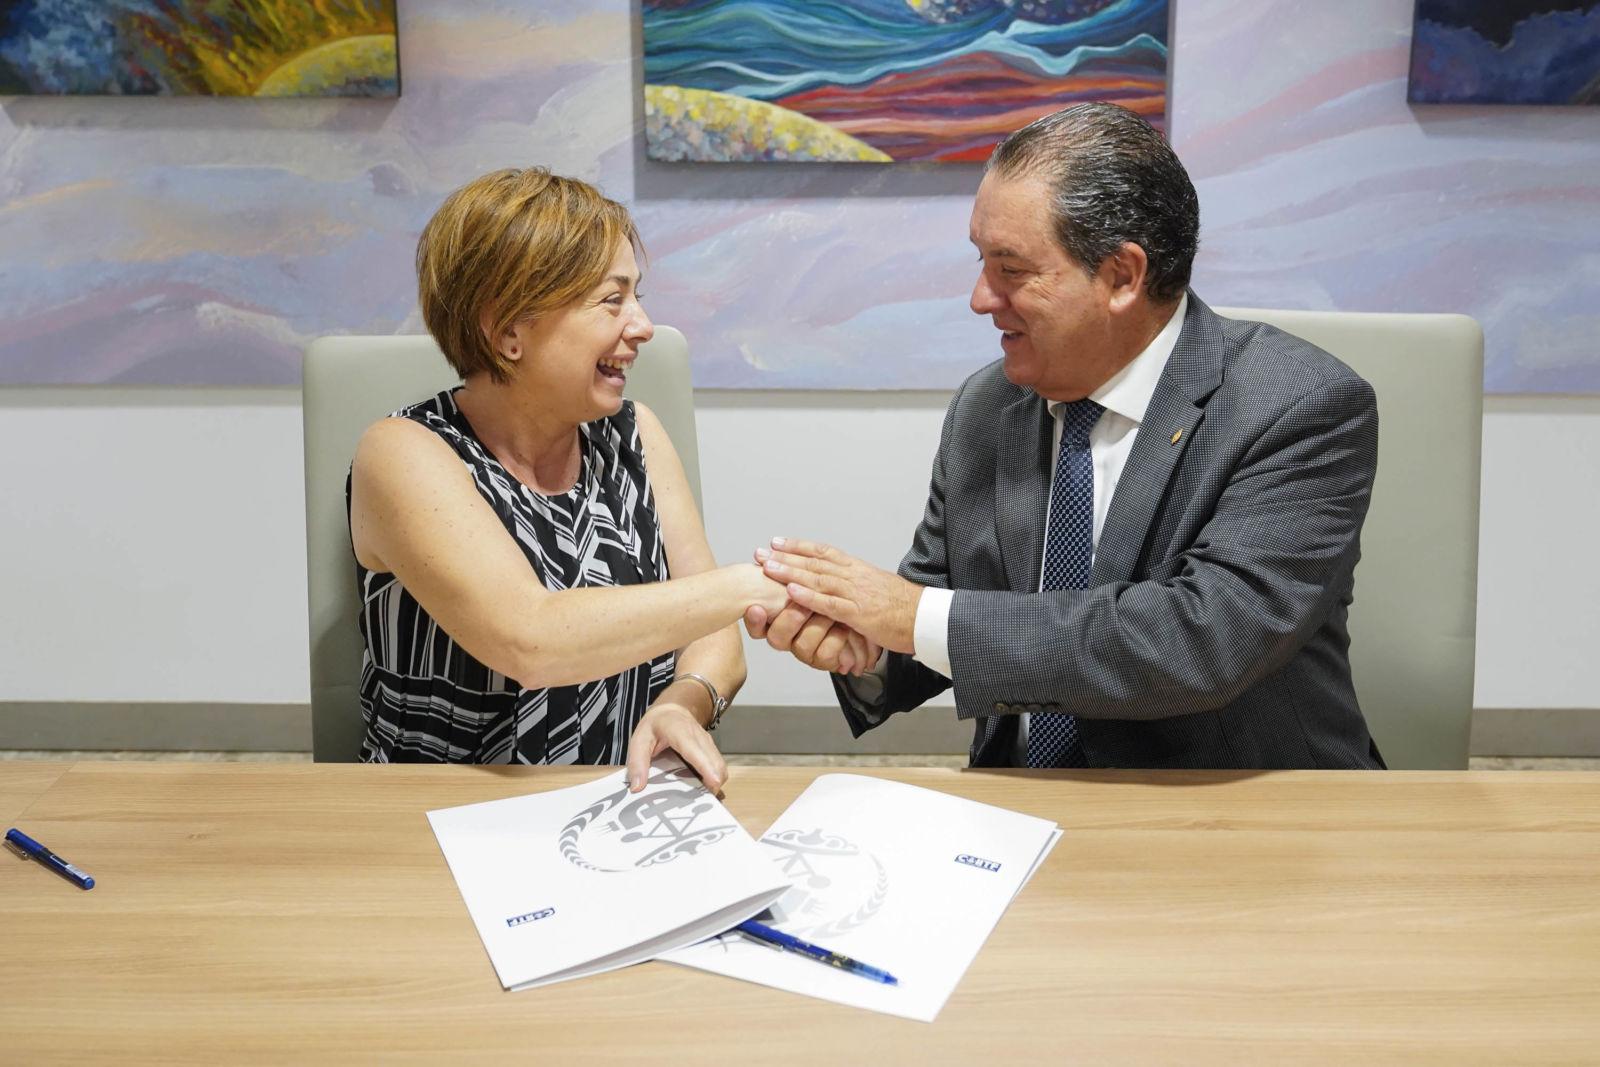 El Colegio de Ingenieros Industriales y la Universidad de La Laguna colaboran para promover el talento y emprendimiento